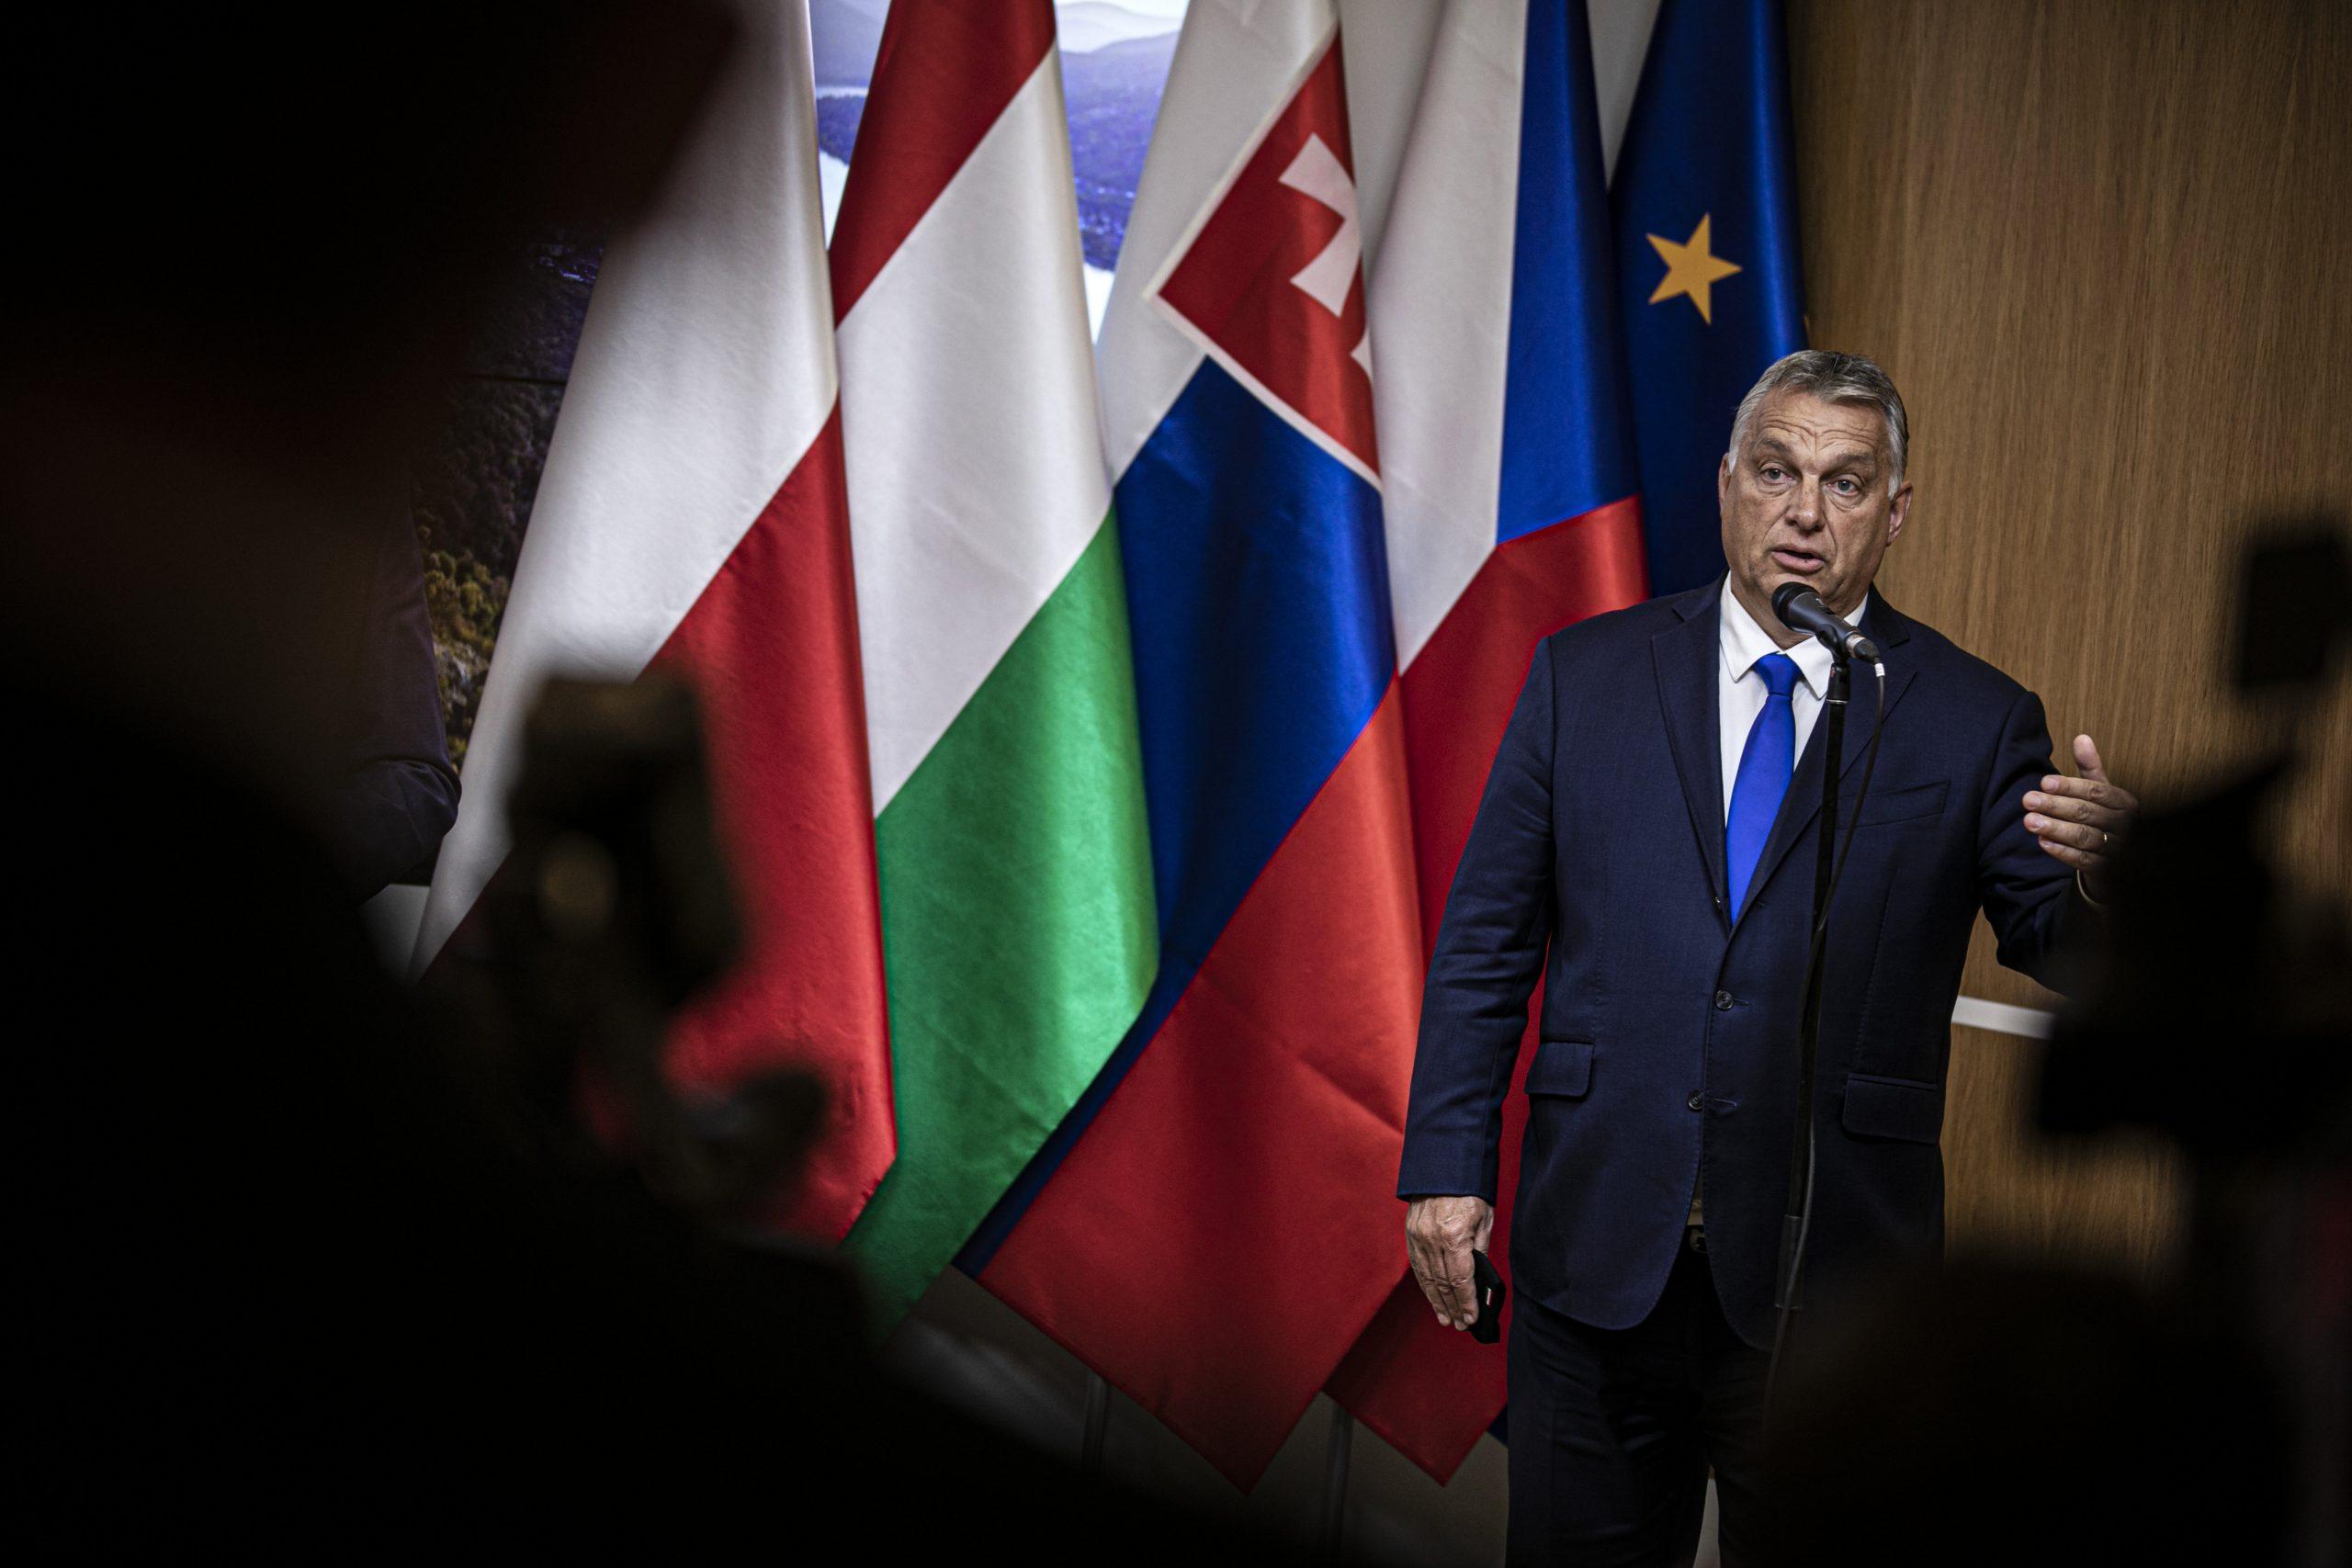 Budapost: Zum Zustand der Visegrád-Gruppe aus linker Perspektive